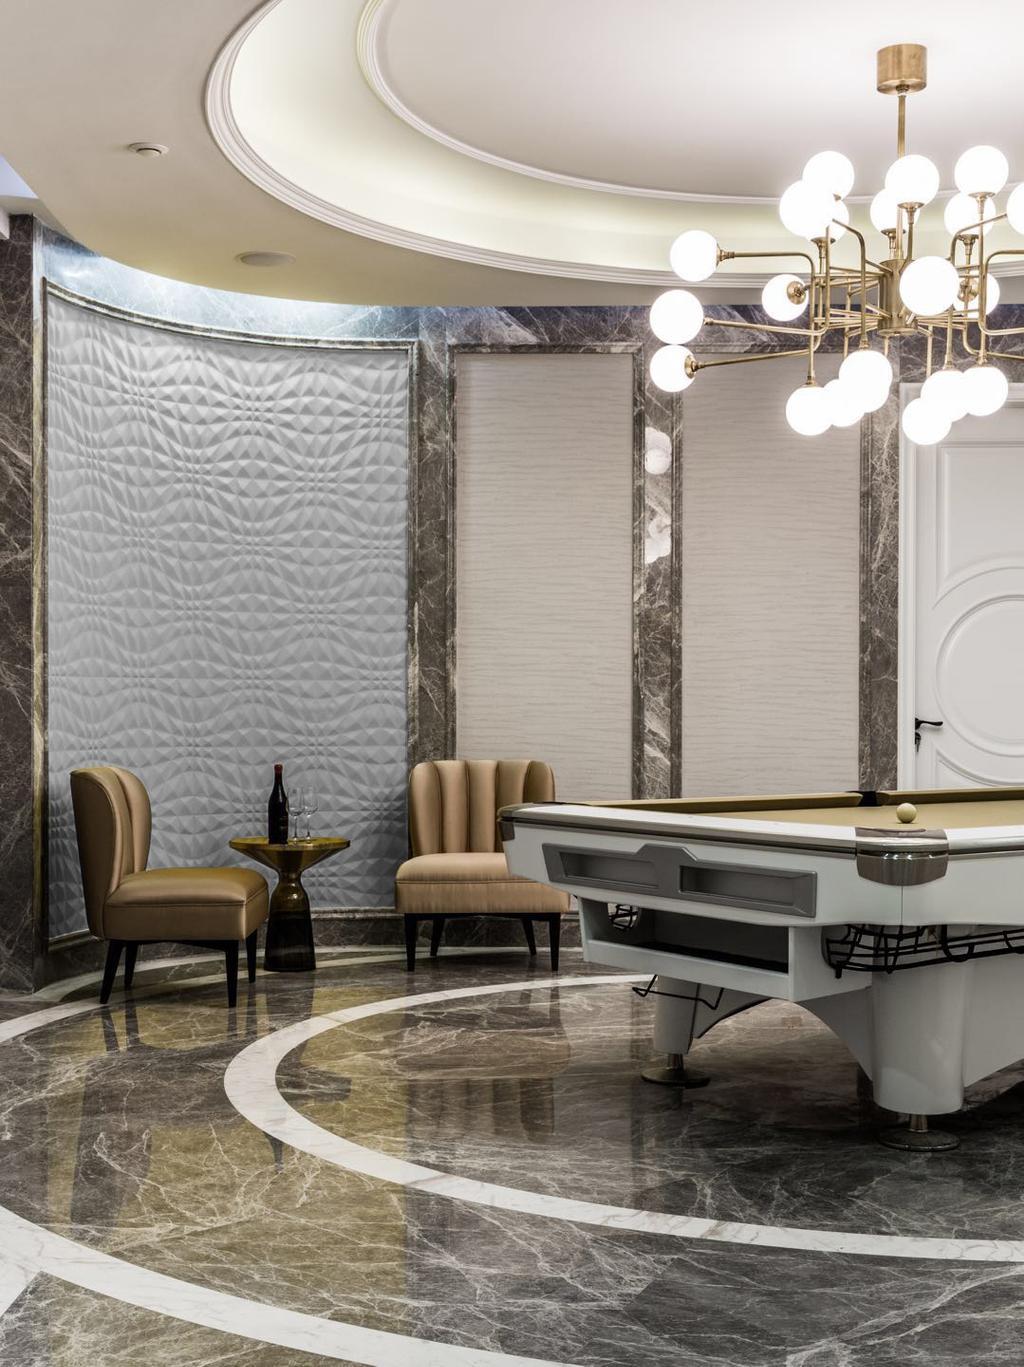 摩登, 獨立屋, 溪上玫瑰園(杭州), 室內設計師, AQUA Projects